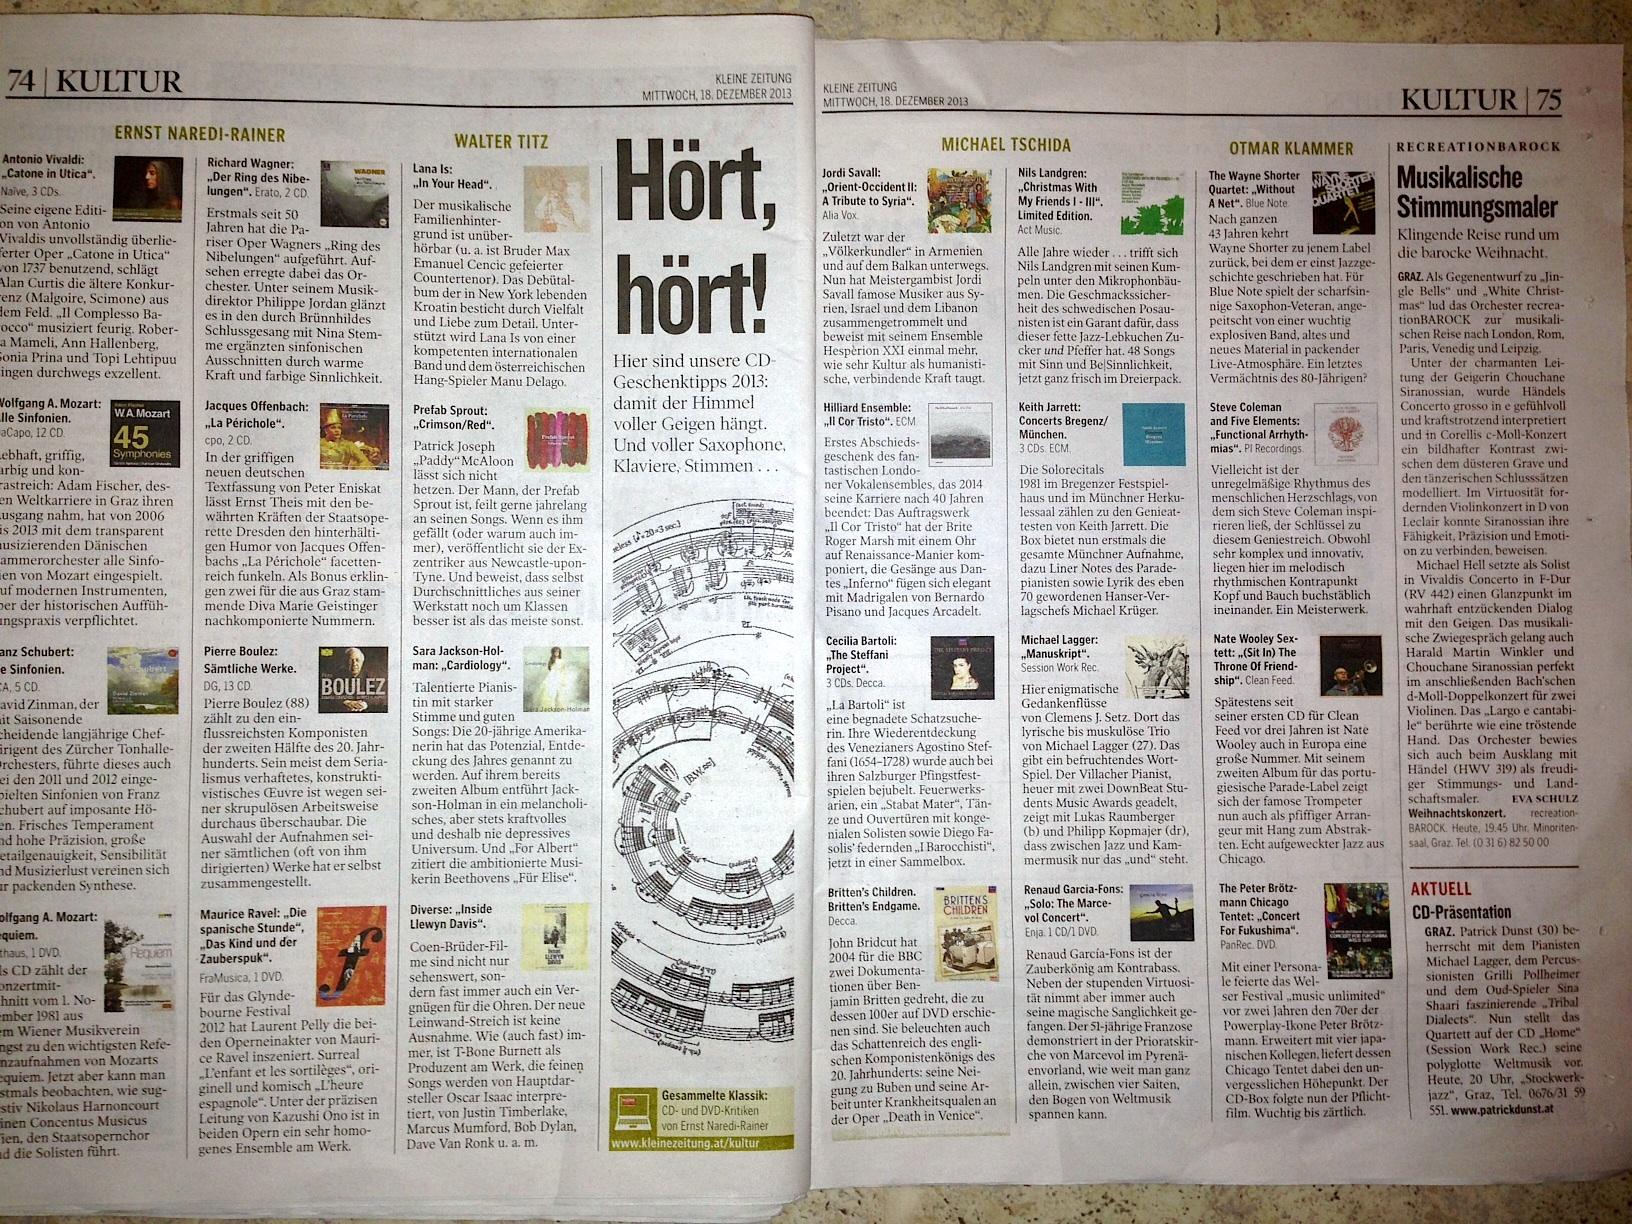 Kleine Zeitung_12_13_2